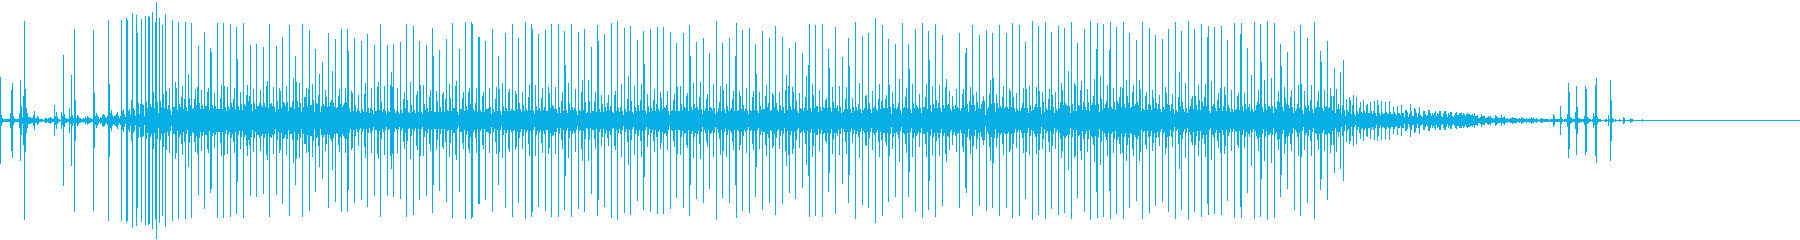 エンジン-小さい-開始-制御-停止の再生済みの波形